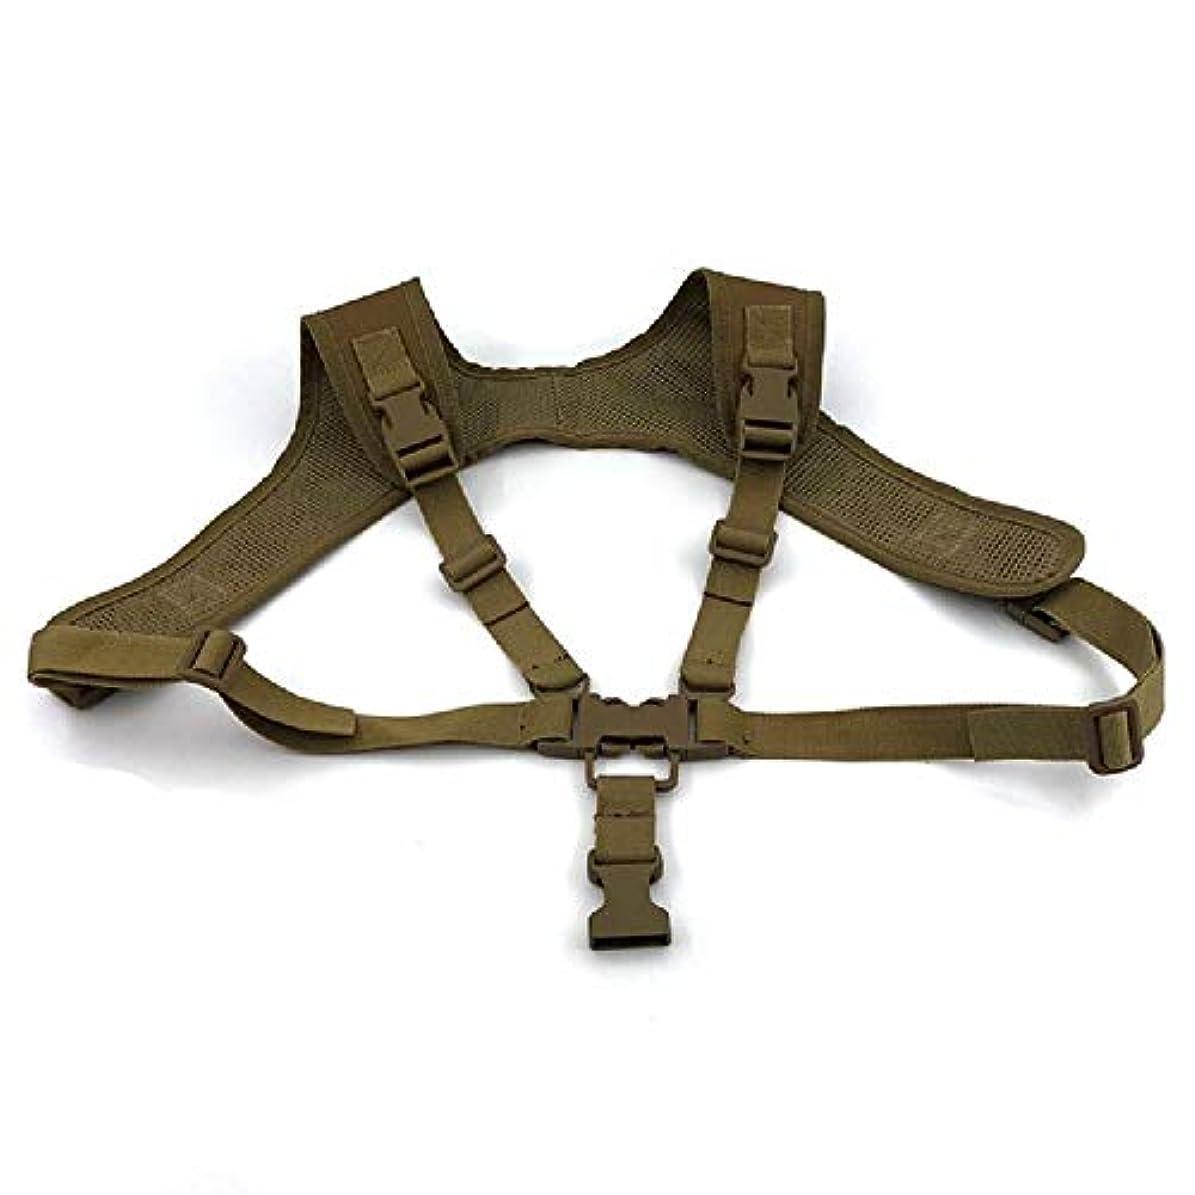 クラッシュ左精度屋外多機能戦術的なベストストラップ吊り銃ローププロスポーツ安全ロープ (Color : A)